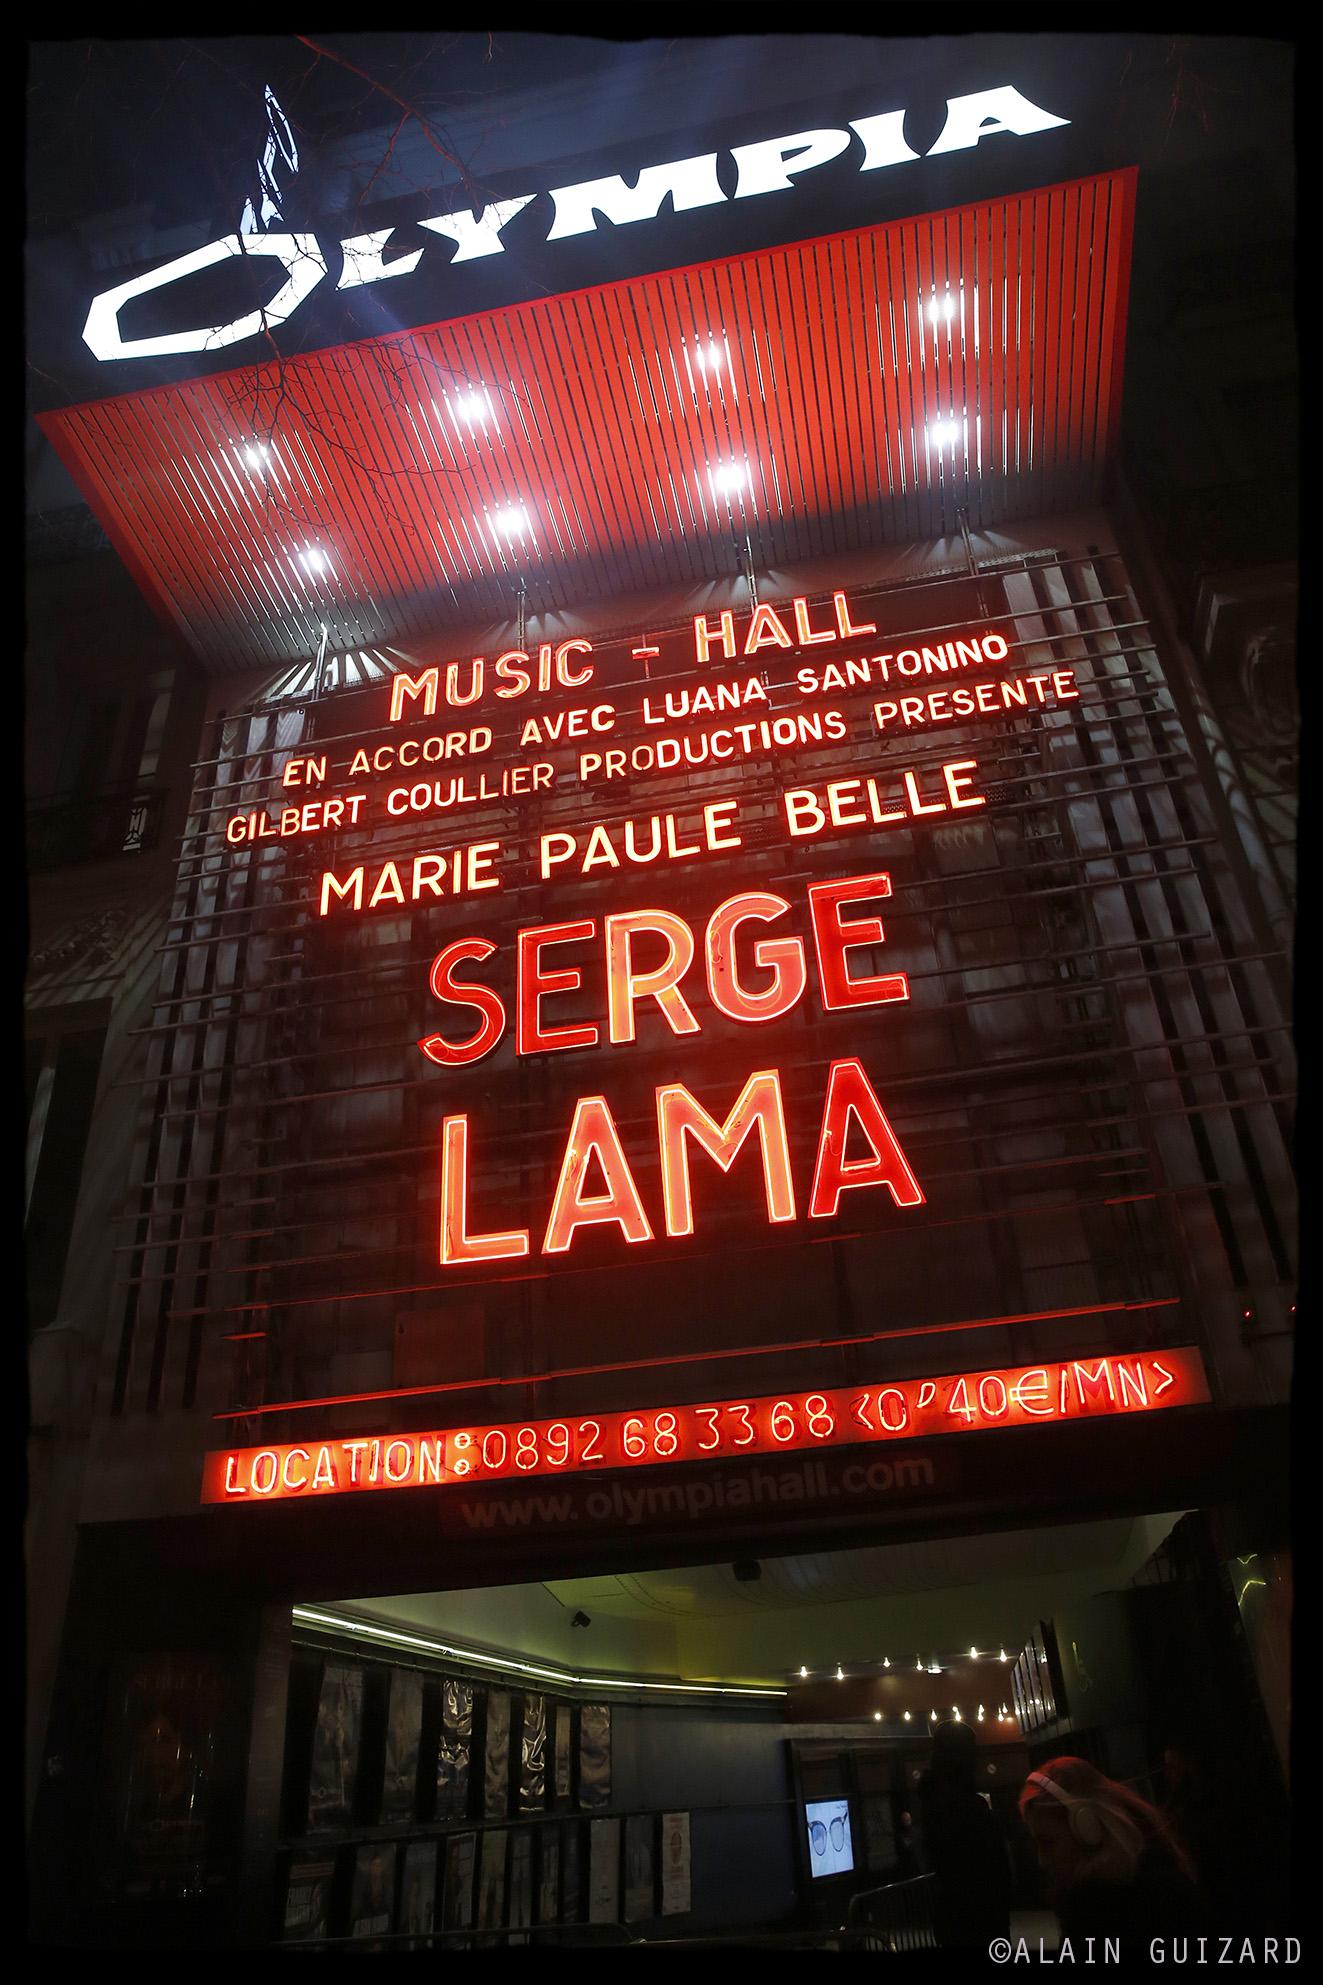 Olympia - Serge Lama & Marie Paule Belle 01